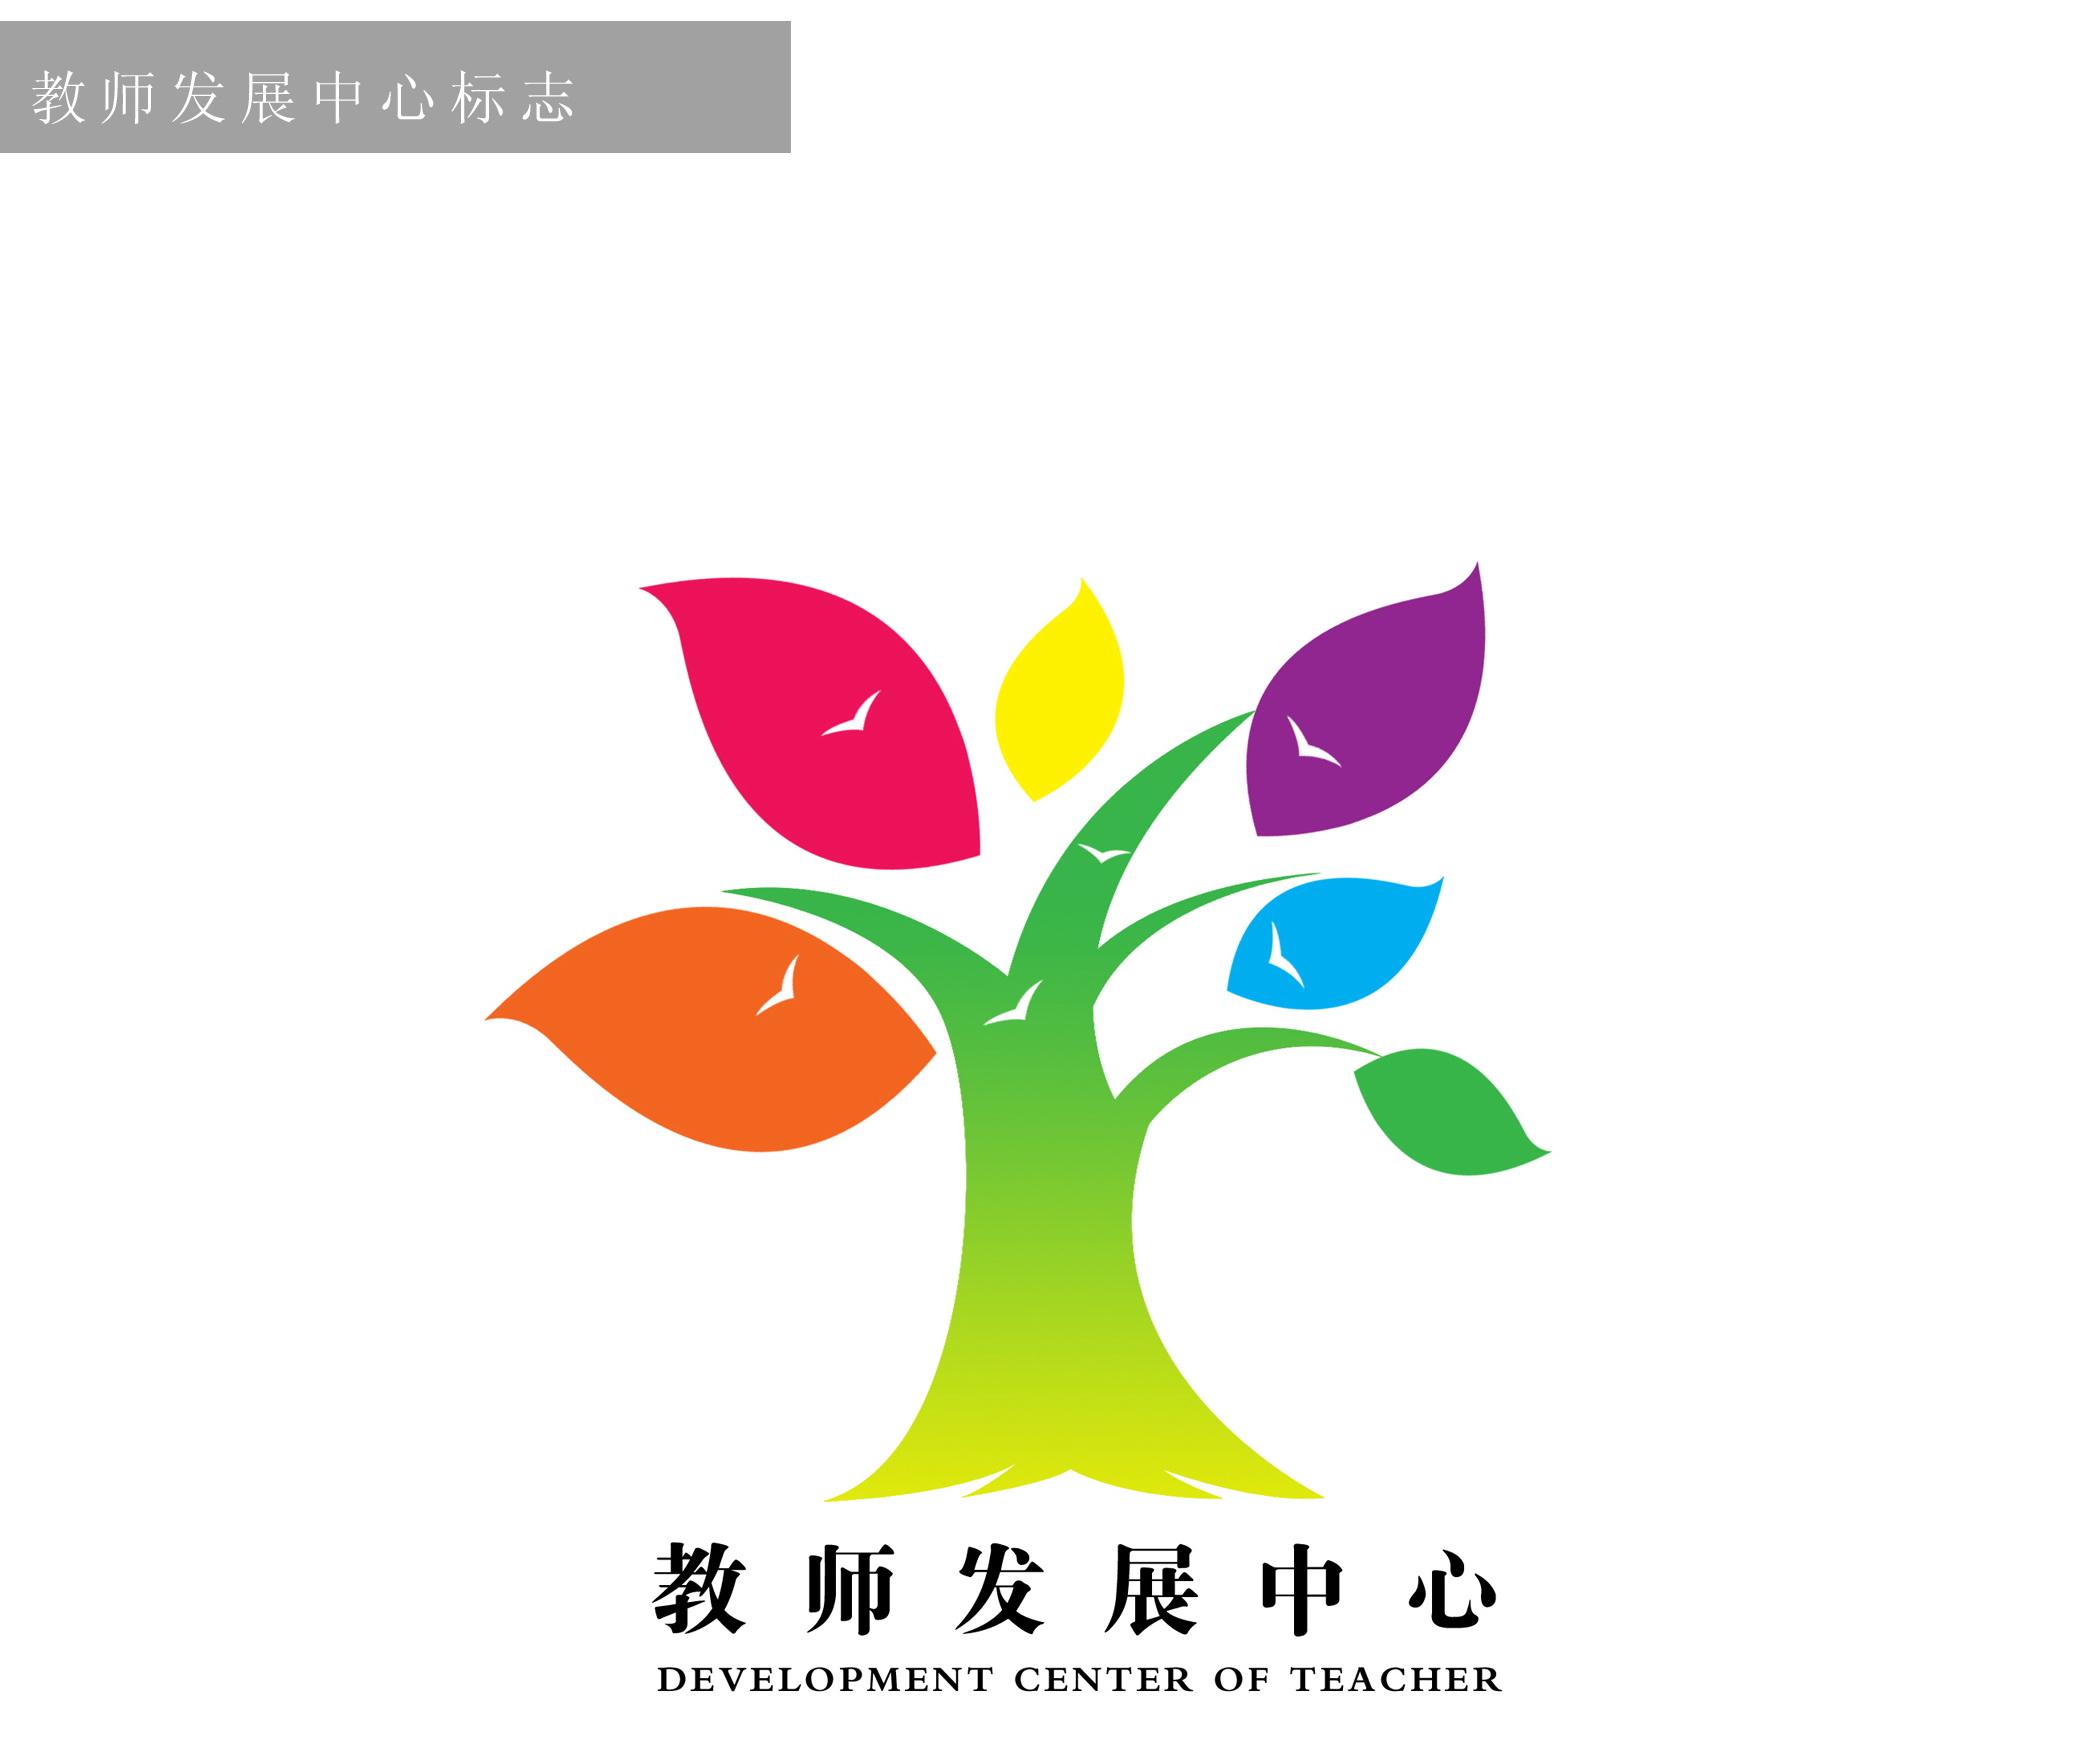 logologo标志设计框架2088_1752图标备课生物图片